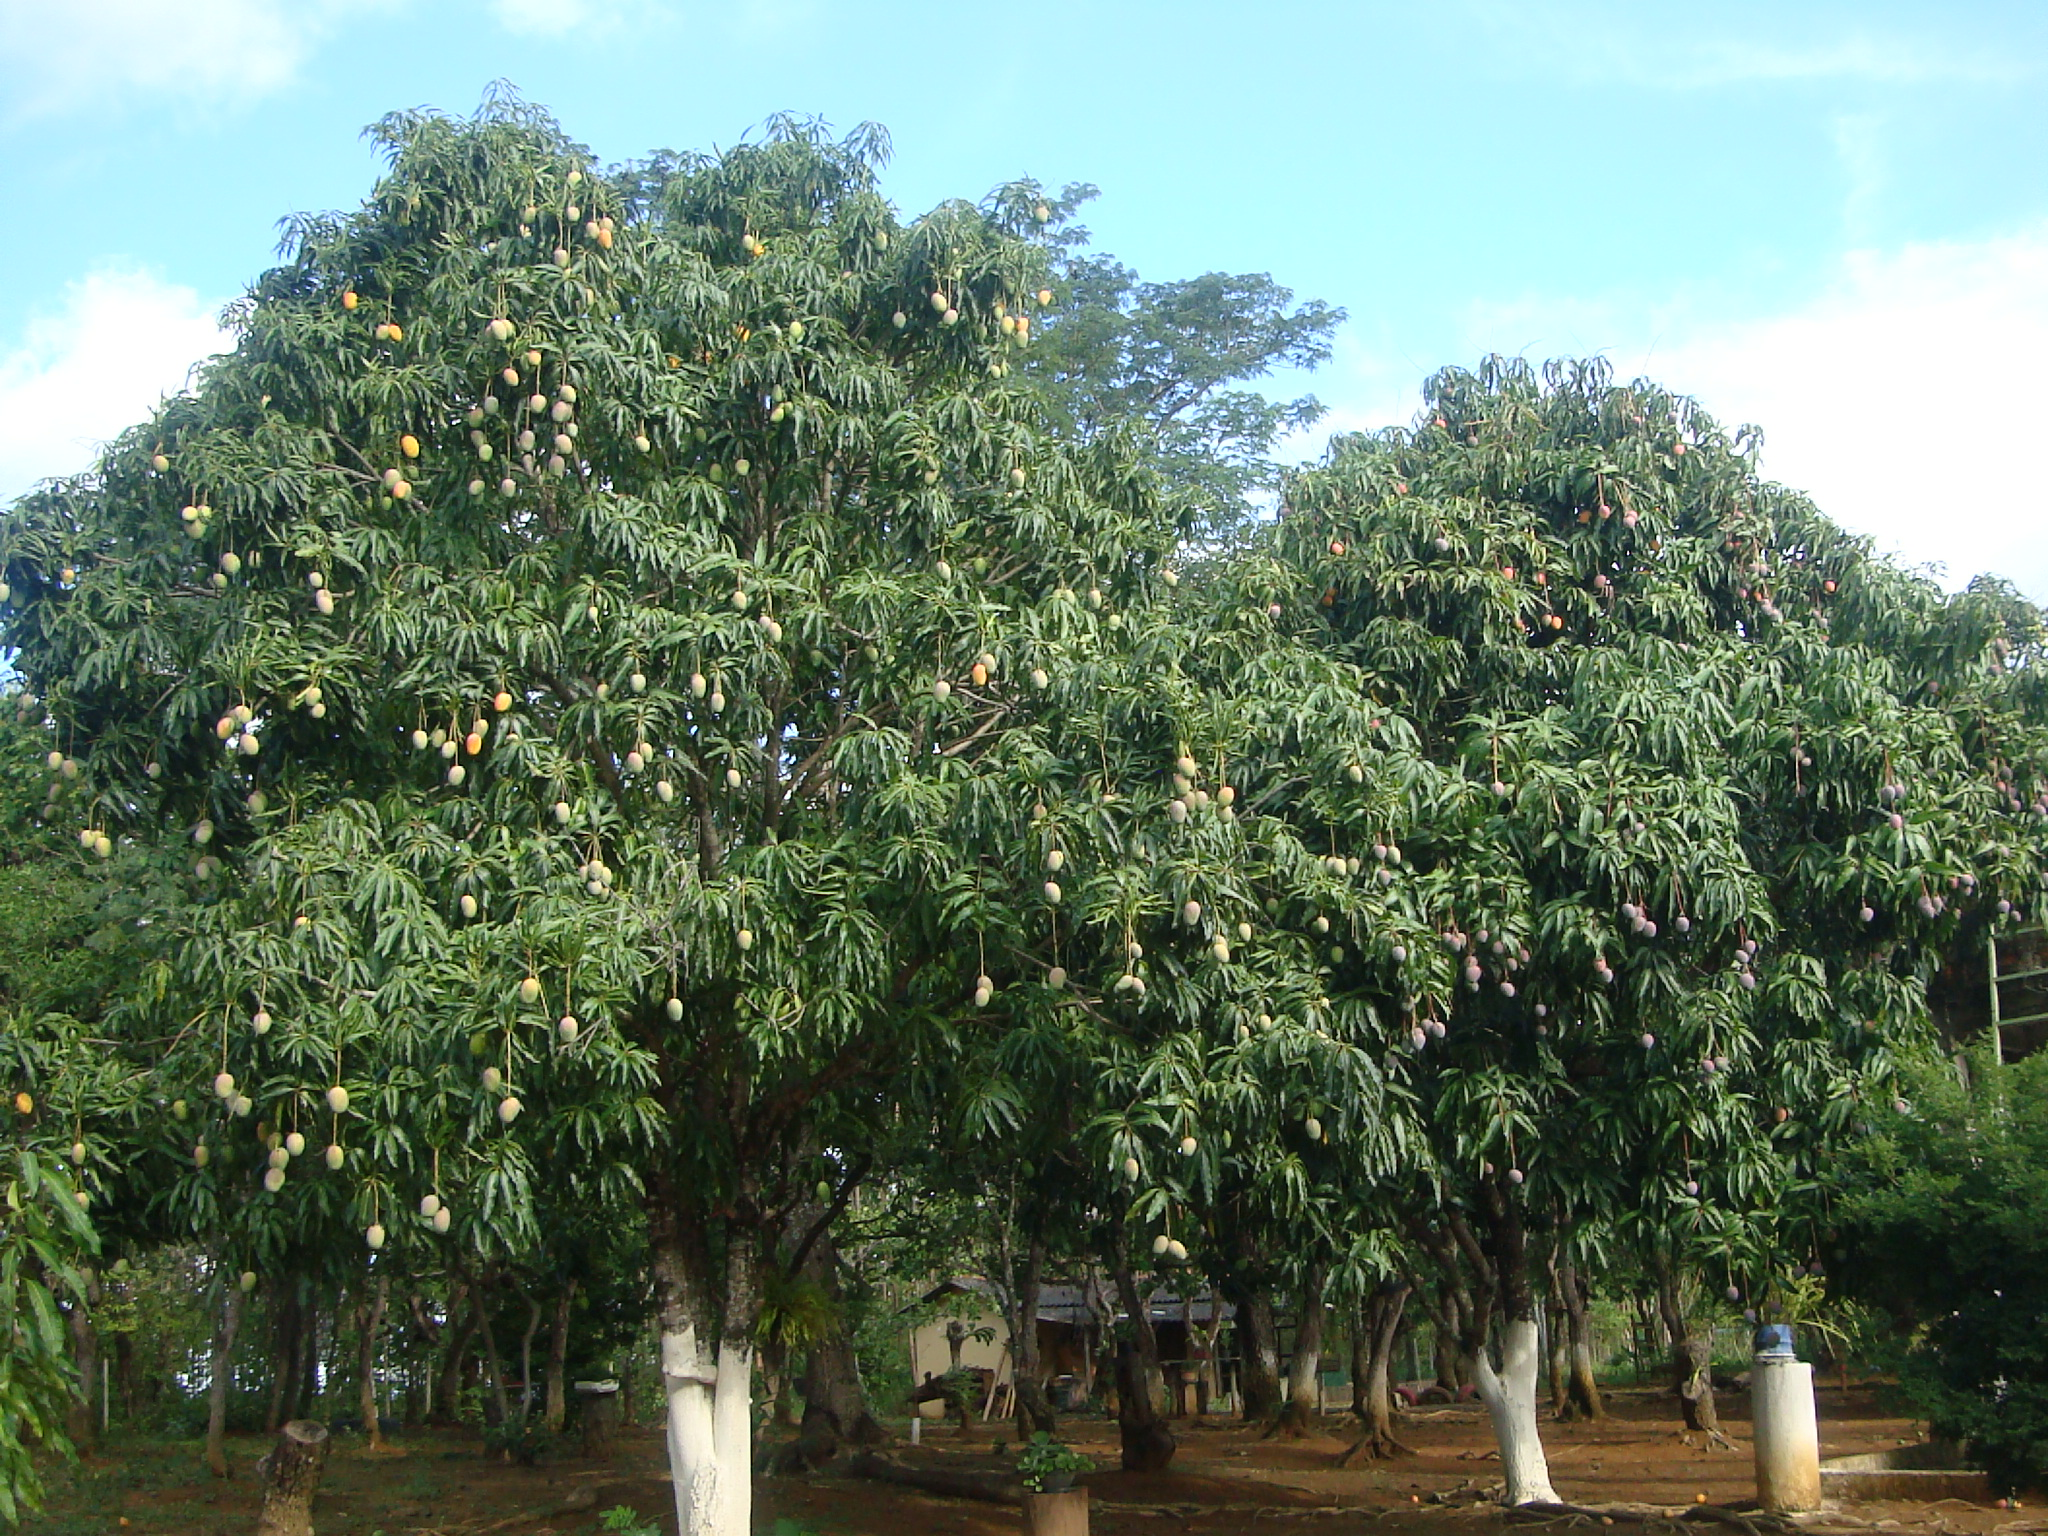 養蜂園の入り口から作業小屋に続く道は、すっかりマンゴの並木道になりました。